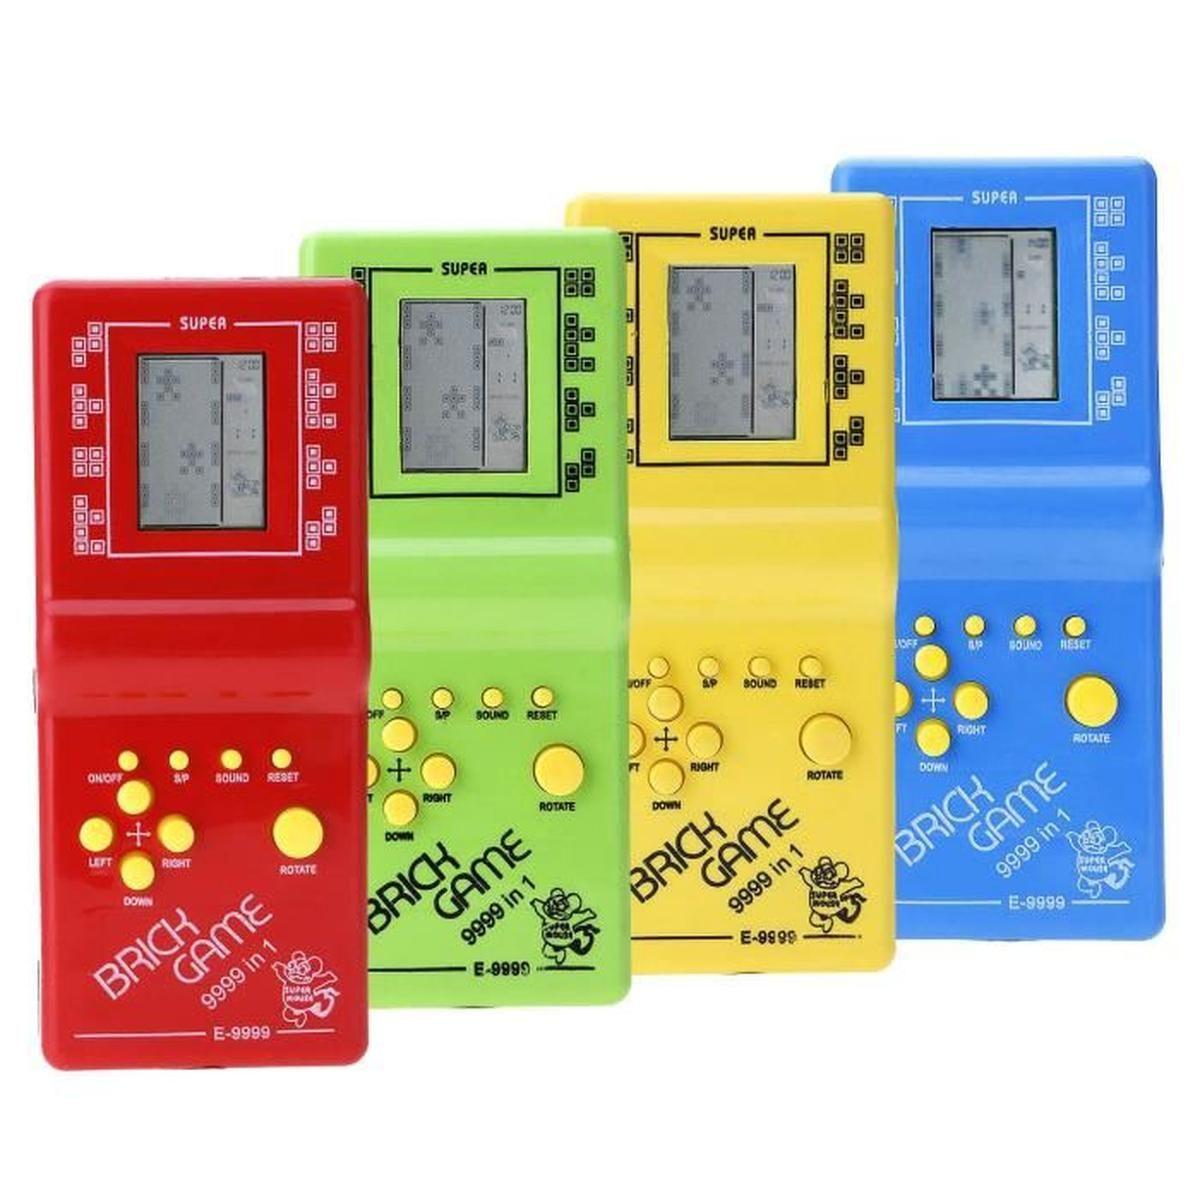 Tetris Jeu Poche Classique Lcd Électronique Brique Console avec Casse Brique Enfant